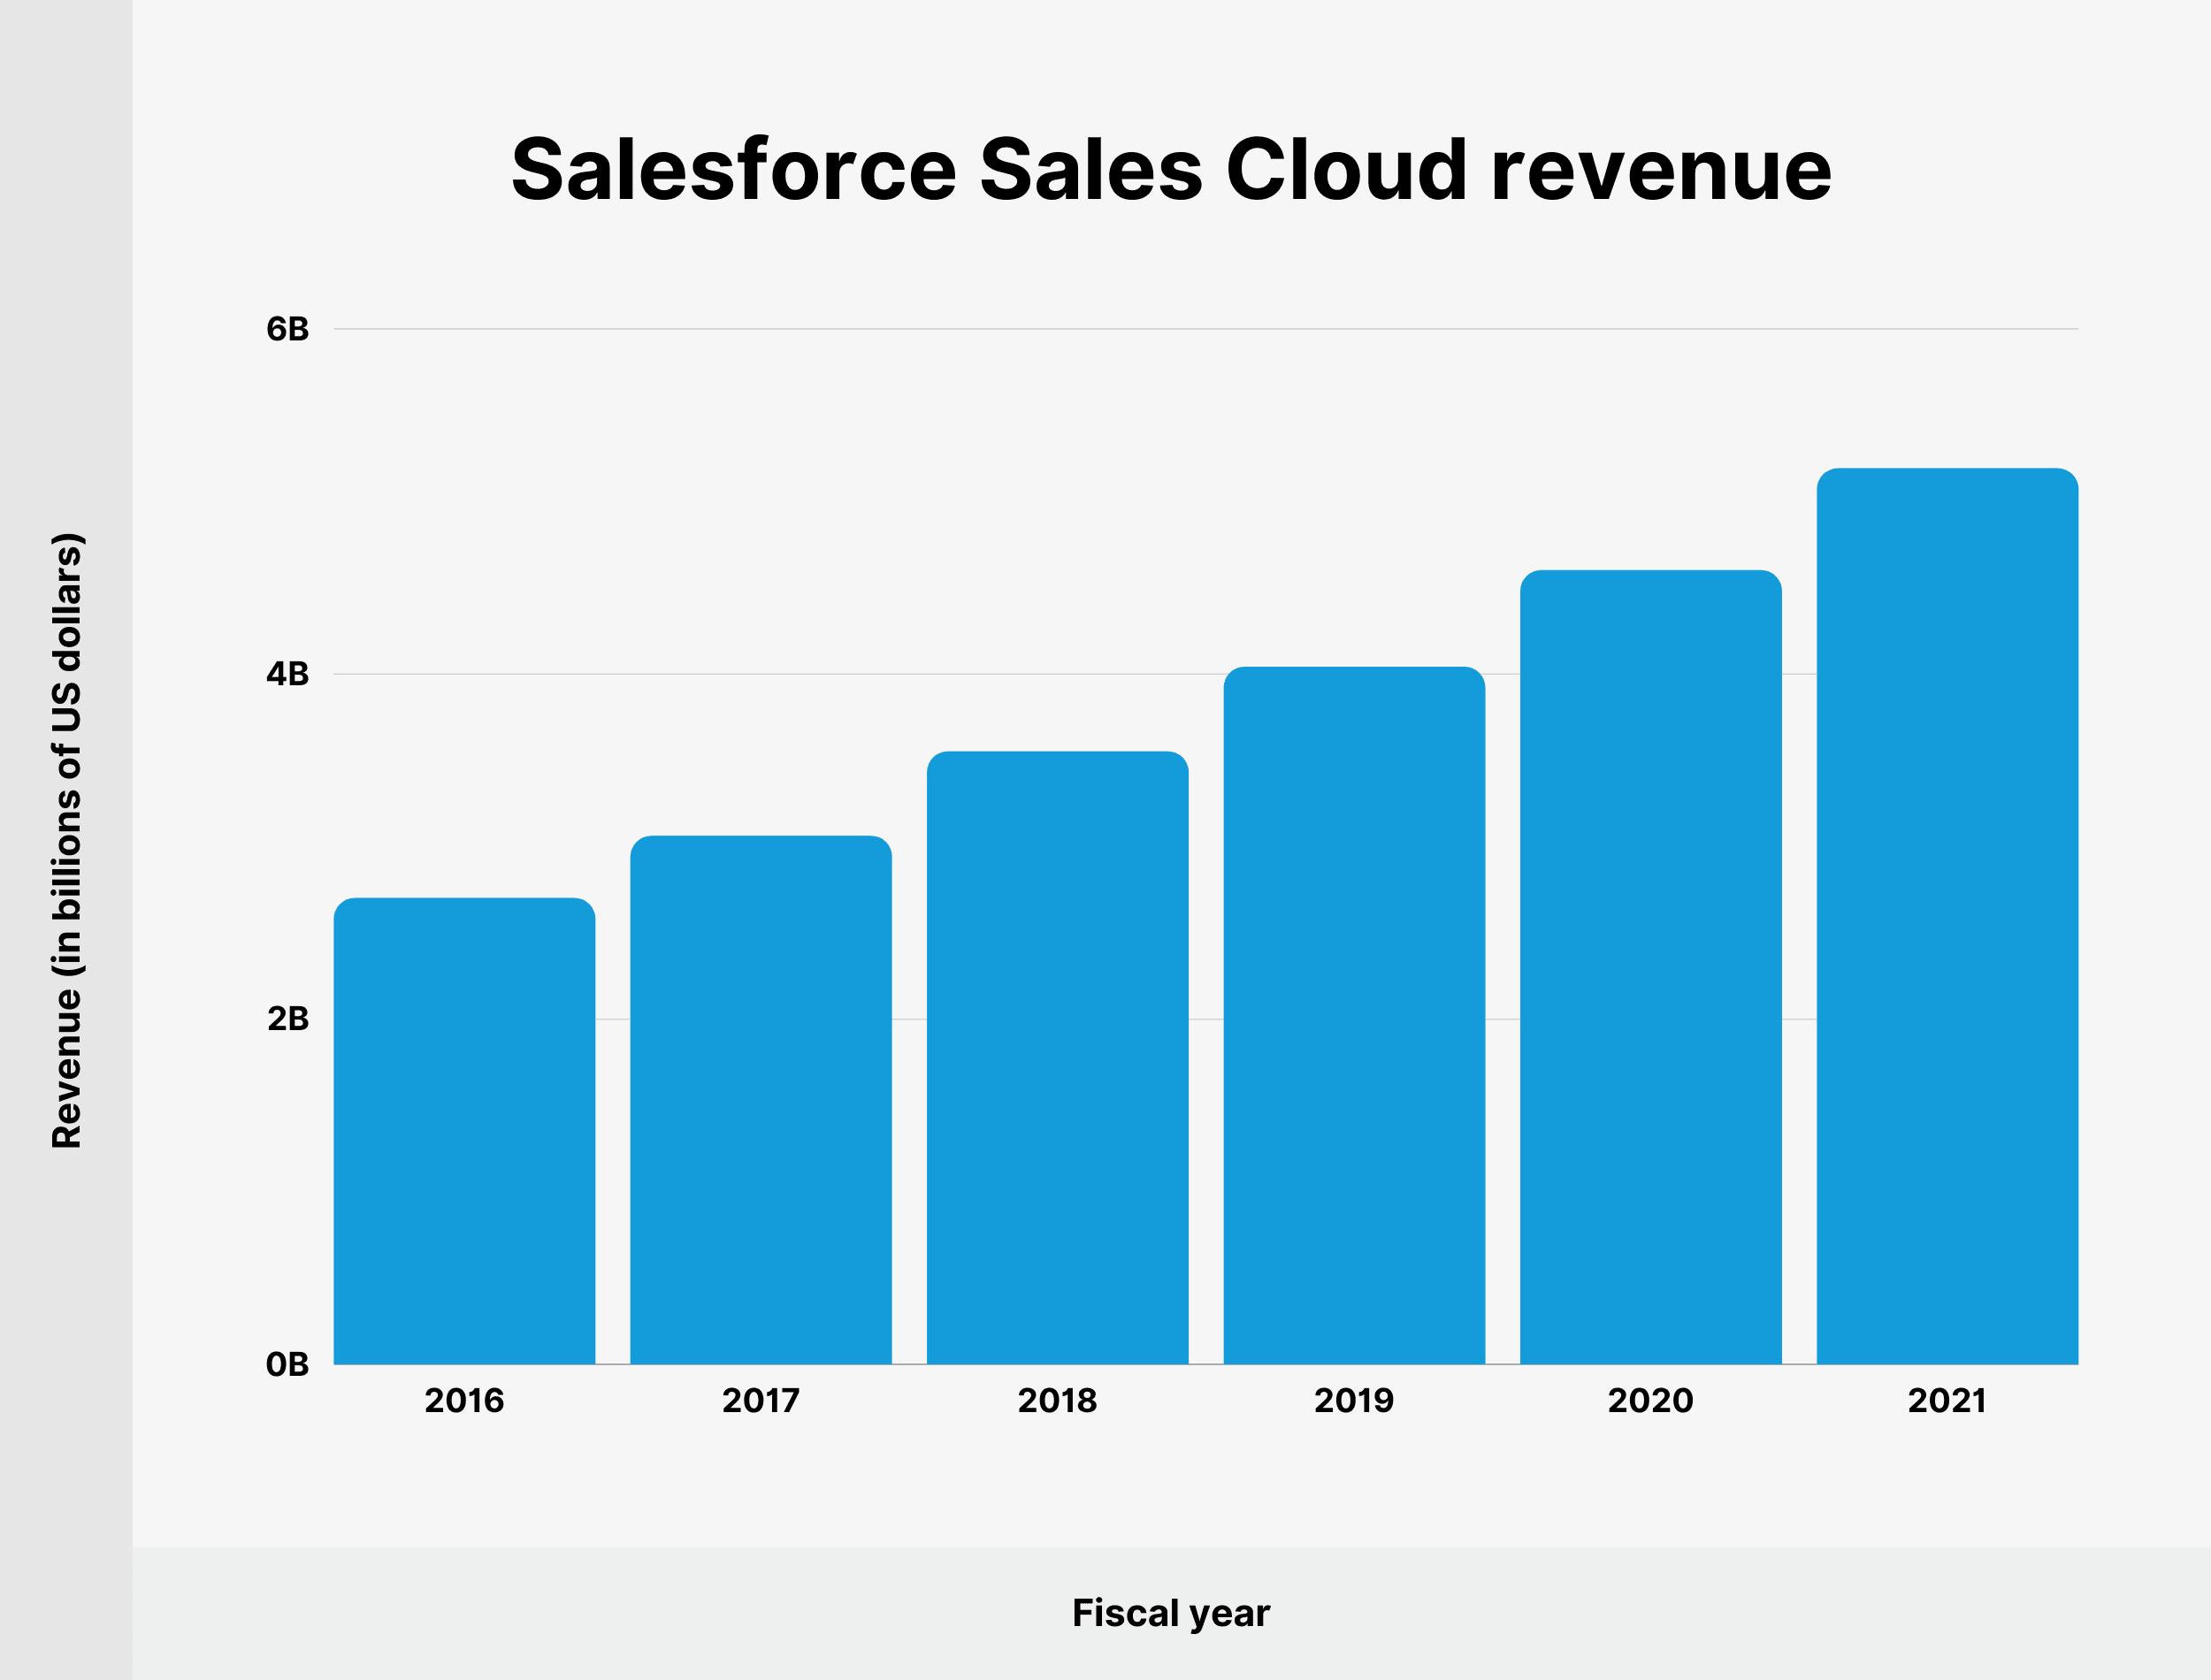 Salesforce Sales Cloud revenue